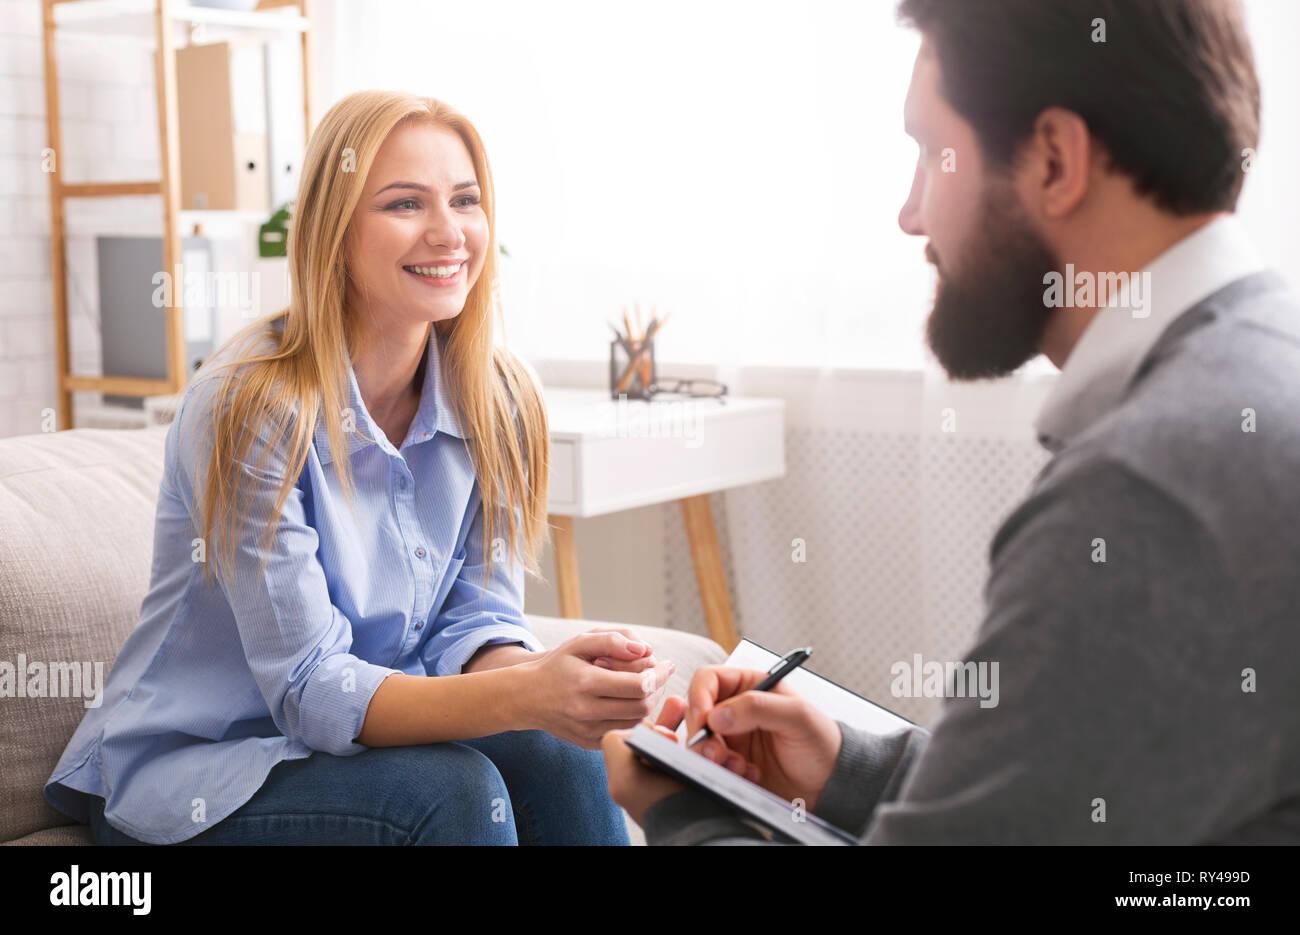 Lächelnde Frau während der Konsultation mit Life Coach ...